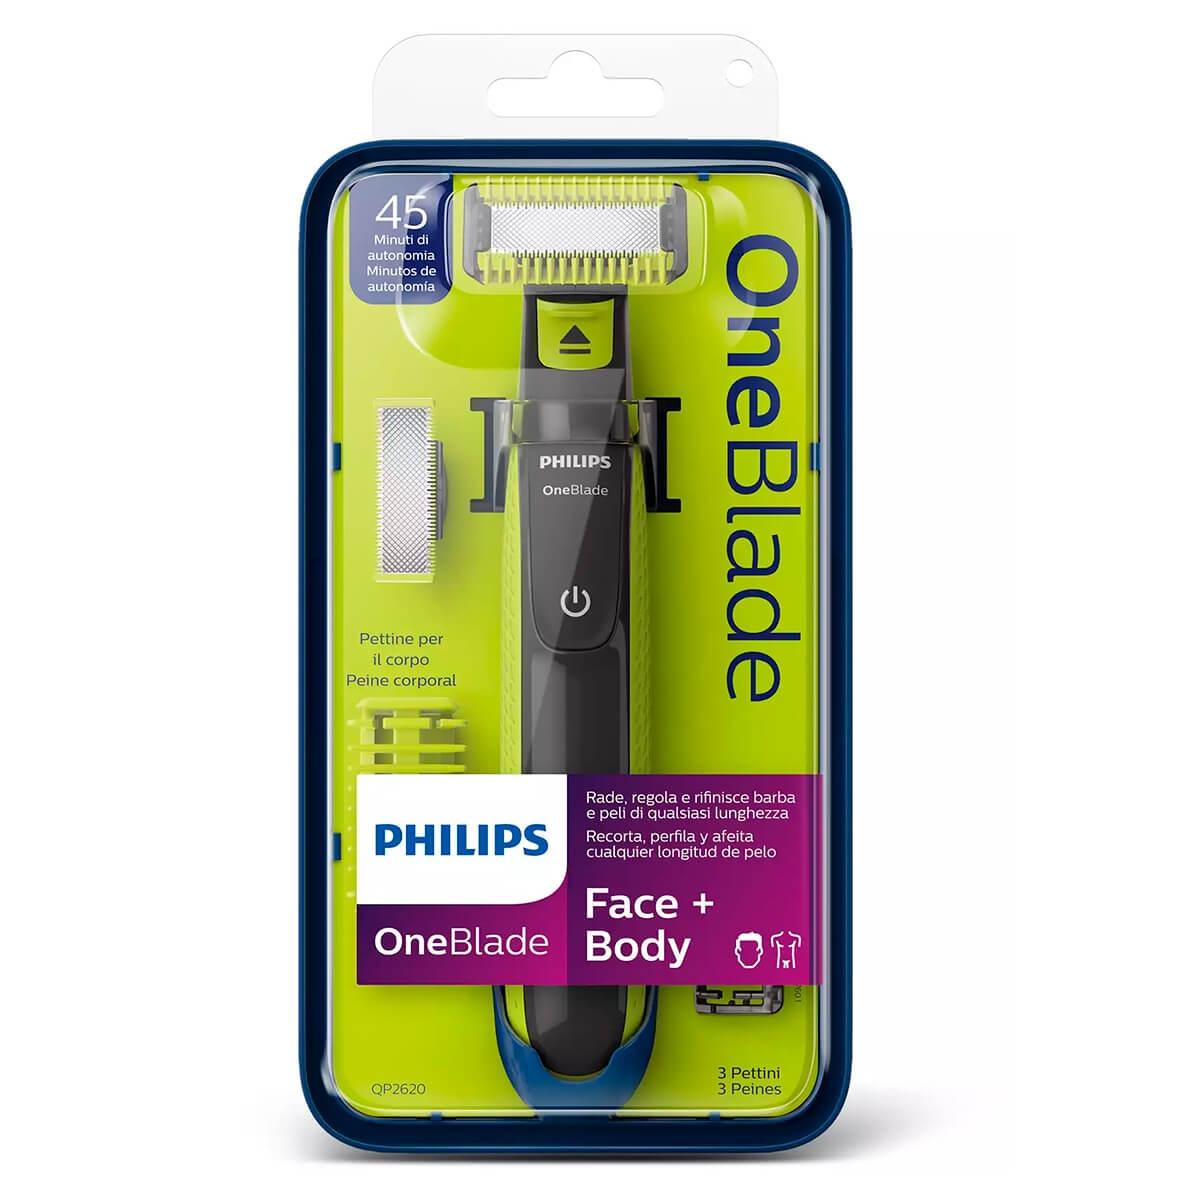 Aparelho de Barbear Philips OneBlade Face e Body 1 Unidade 1 Unidade